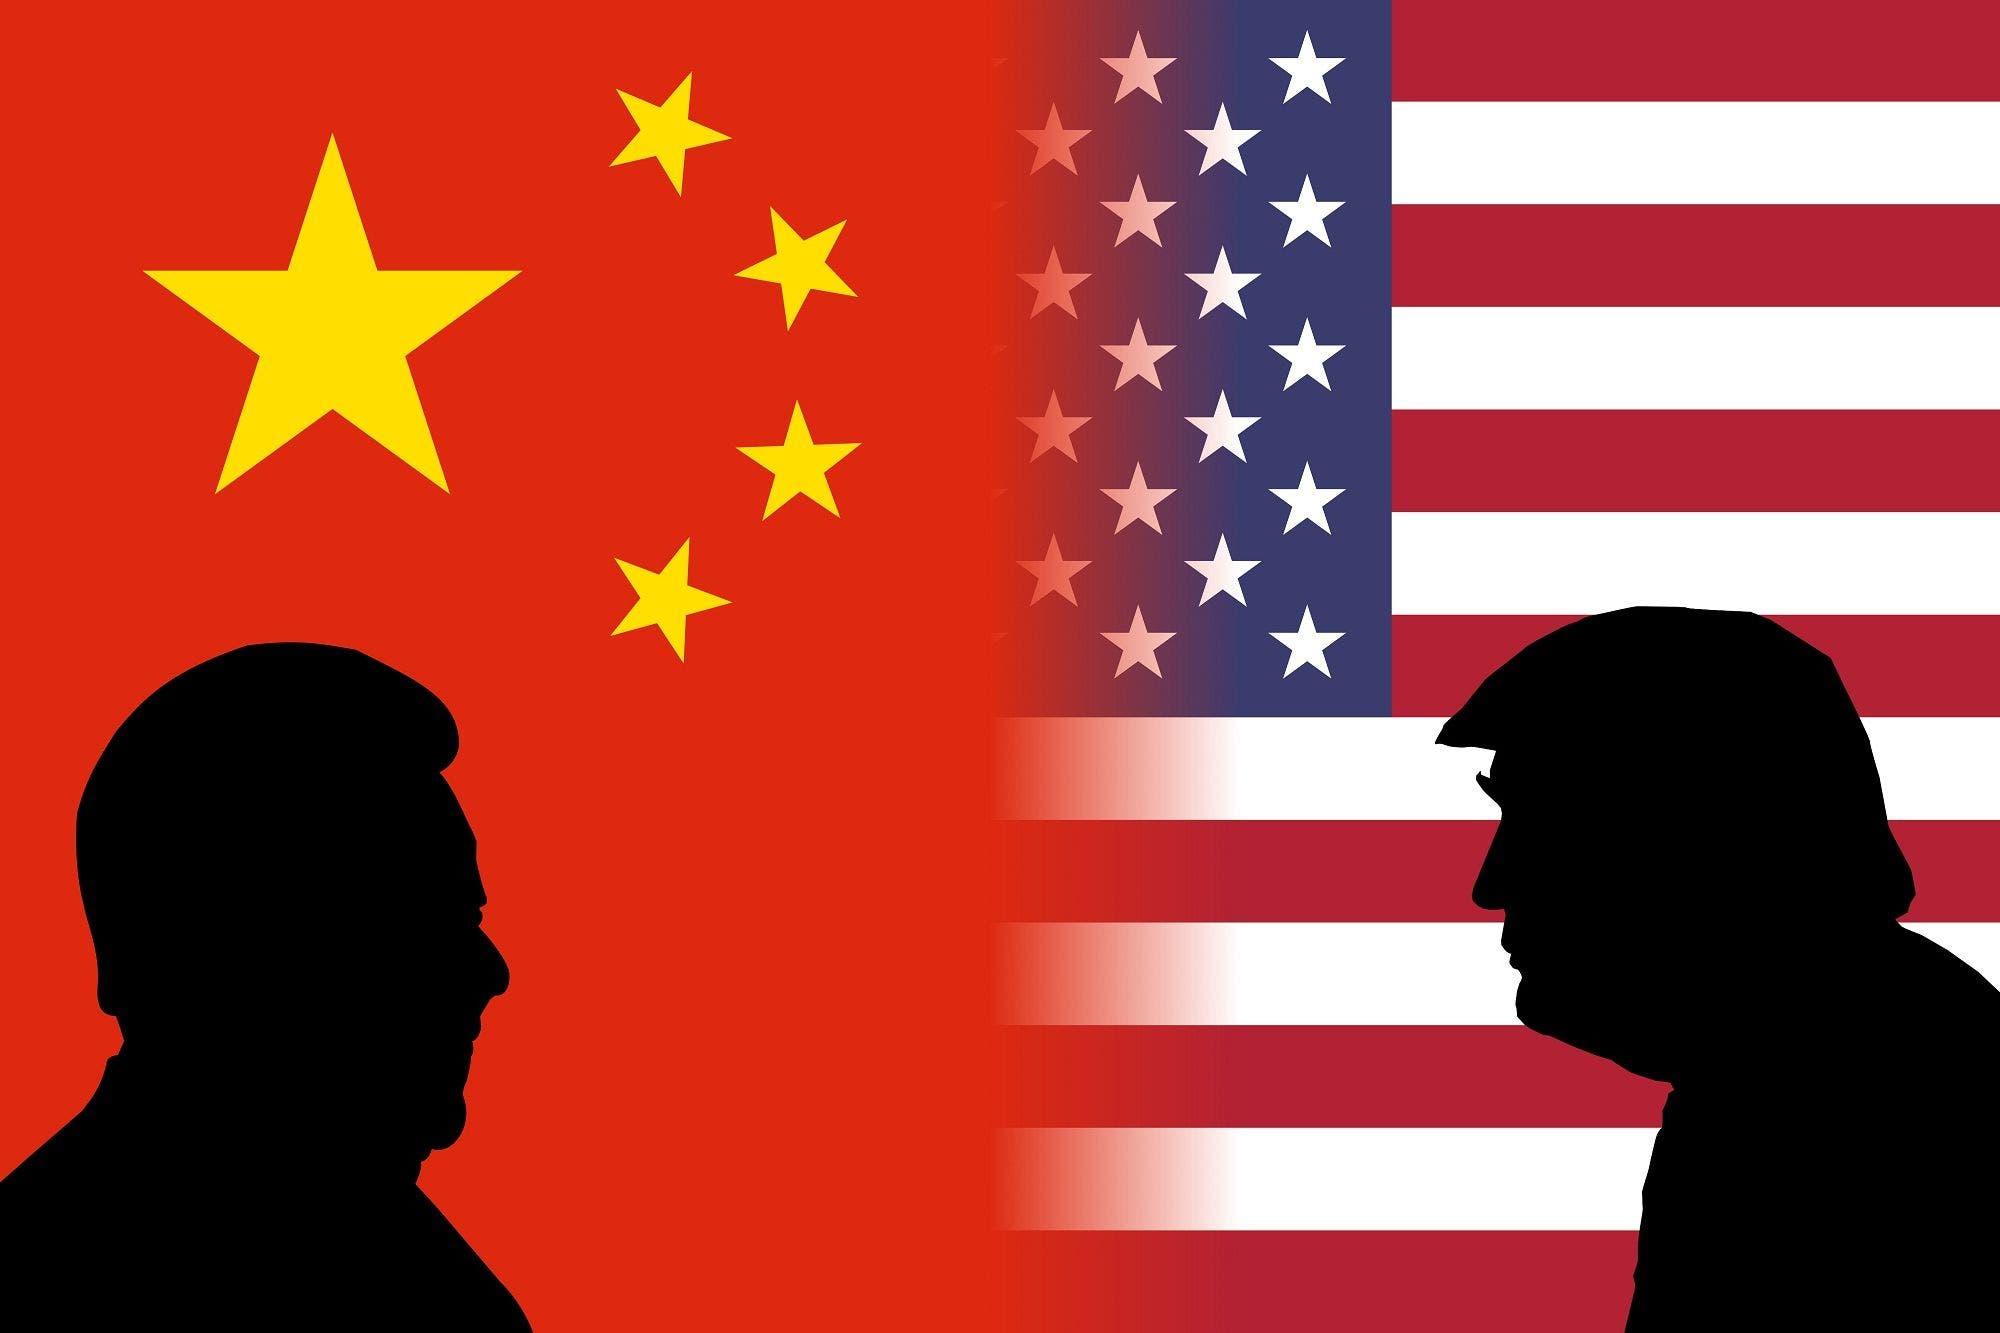 Sin acuerdo entre Estados Unidos y China, el valor de la soja cayó casi 3 dólares por tonelada en la Bolsa de Chicago